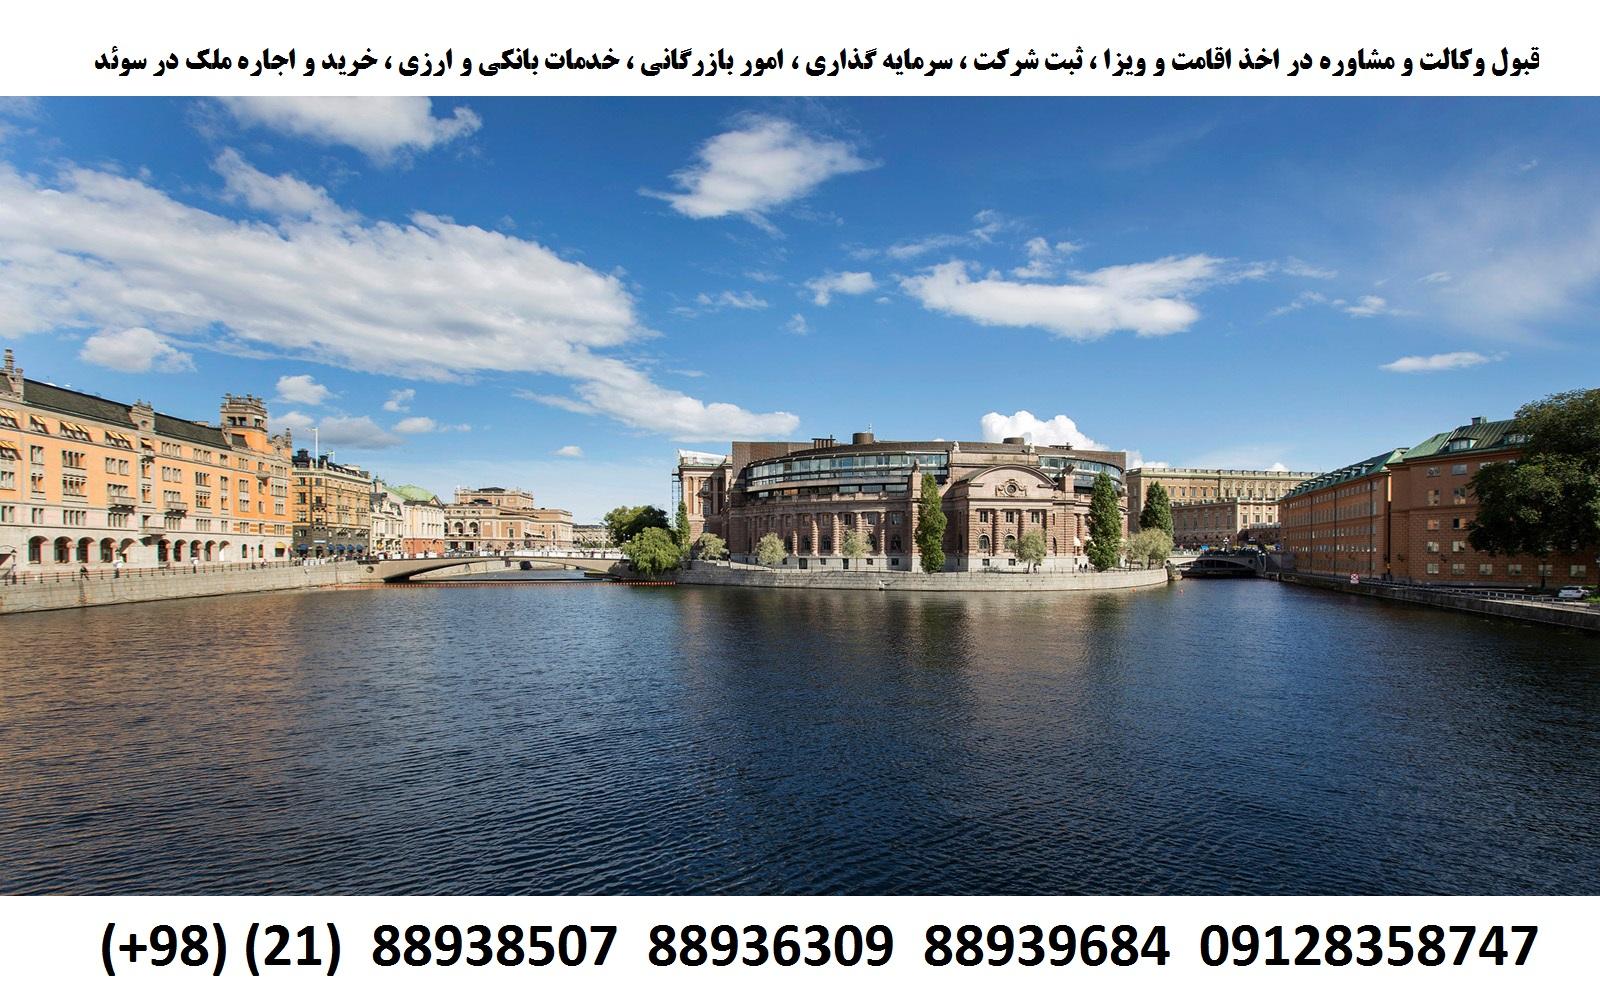 اقامت ، ویزا ، ثبت شرکت ، سرمایه گذاری در کشور سوئد (7)